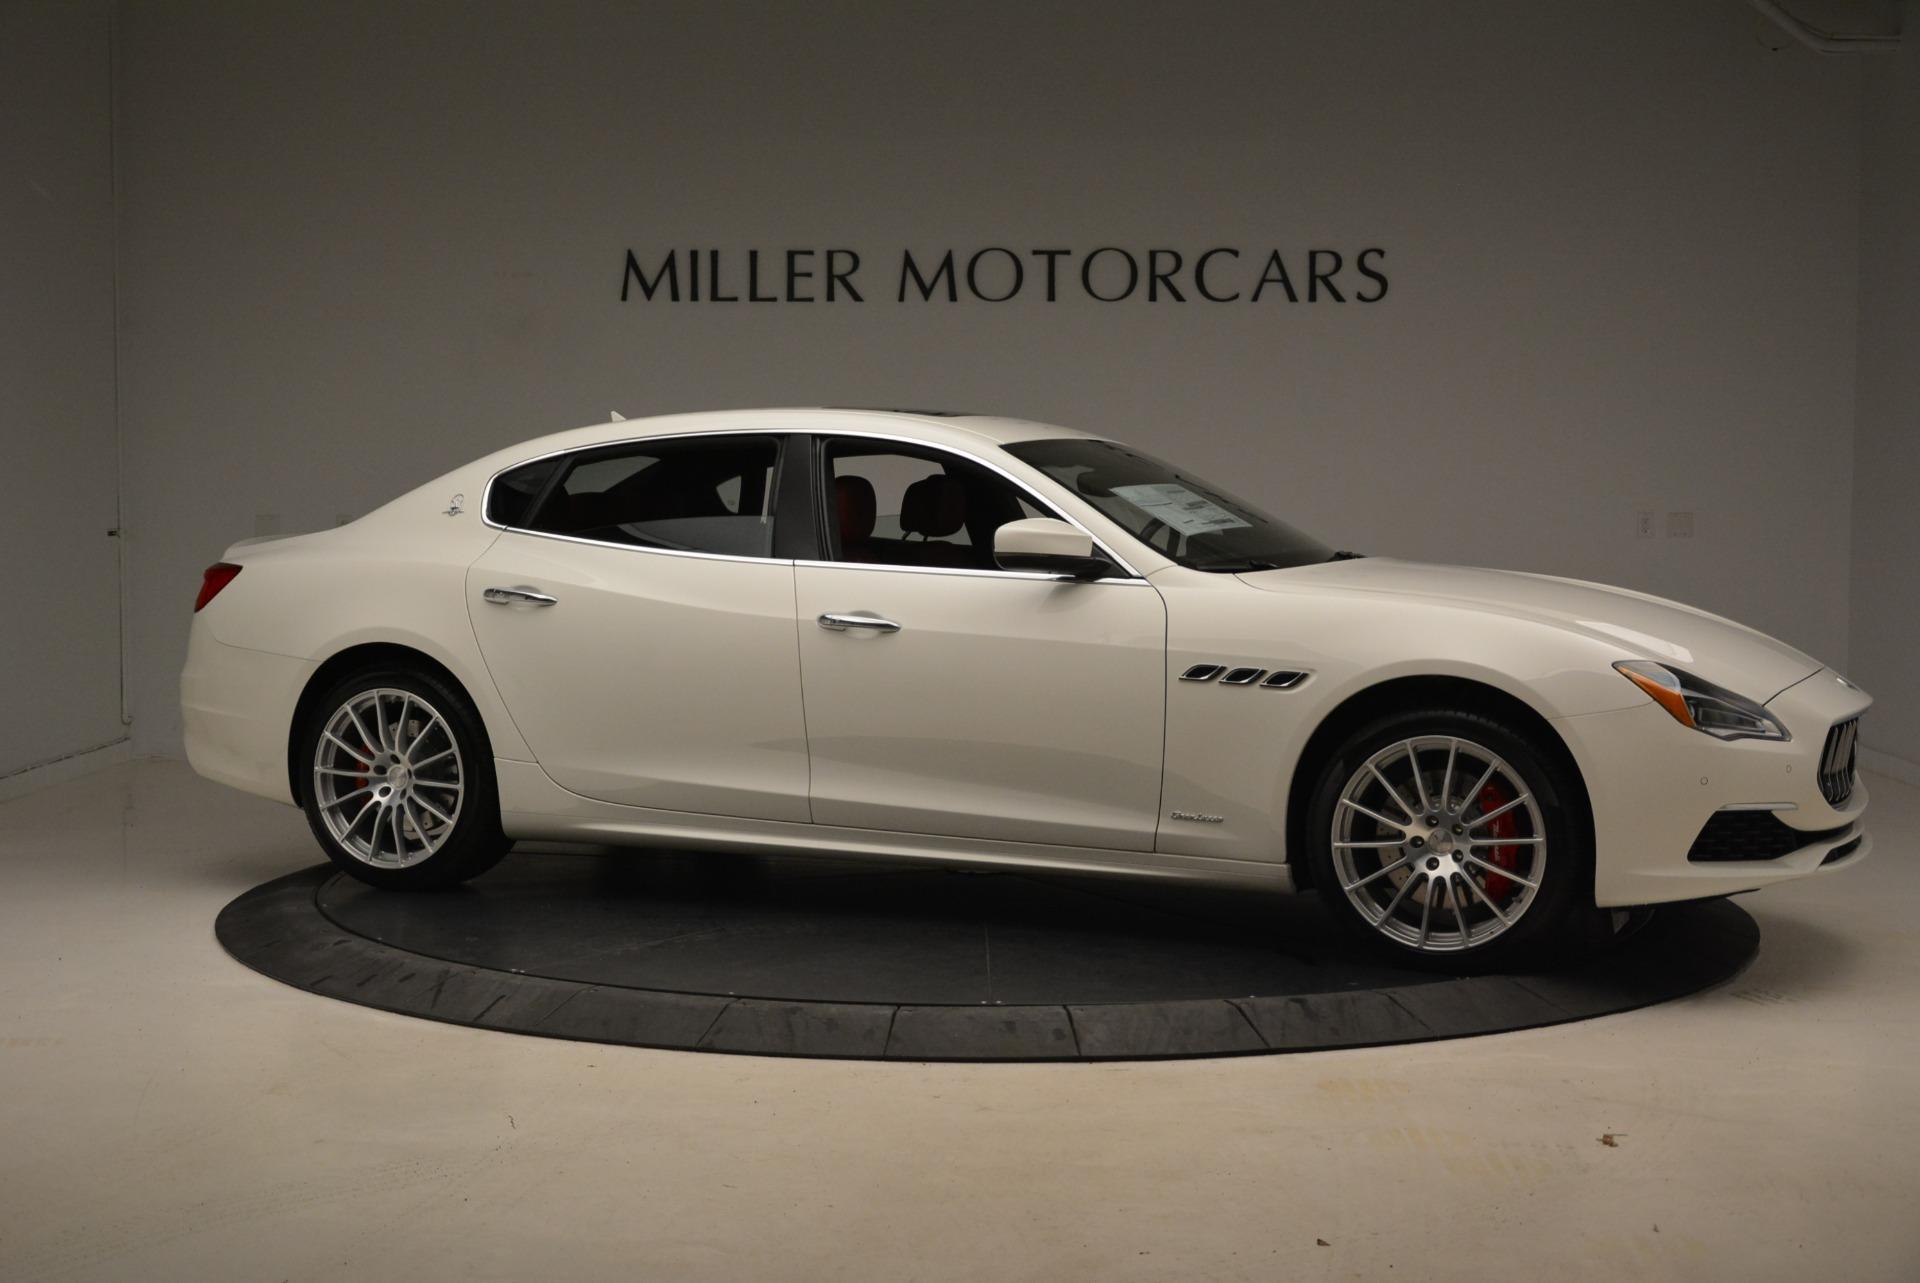 New 2018 Maserati Quattroporte S Q4 GranLusso For Sale In Greenwich, CT 2085_p13